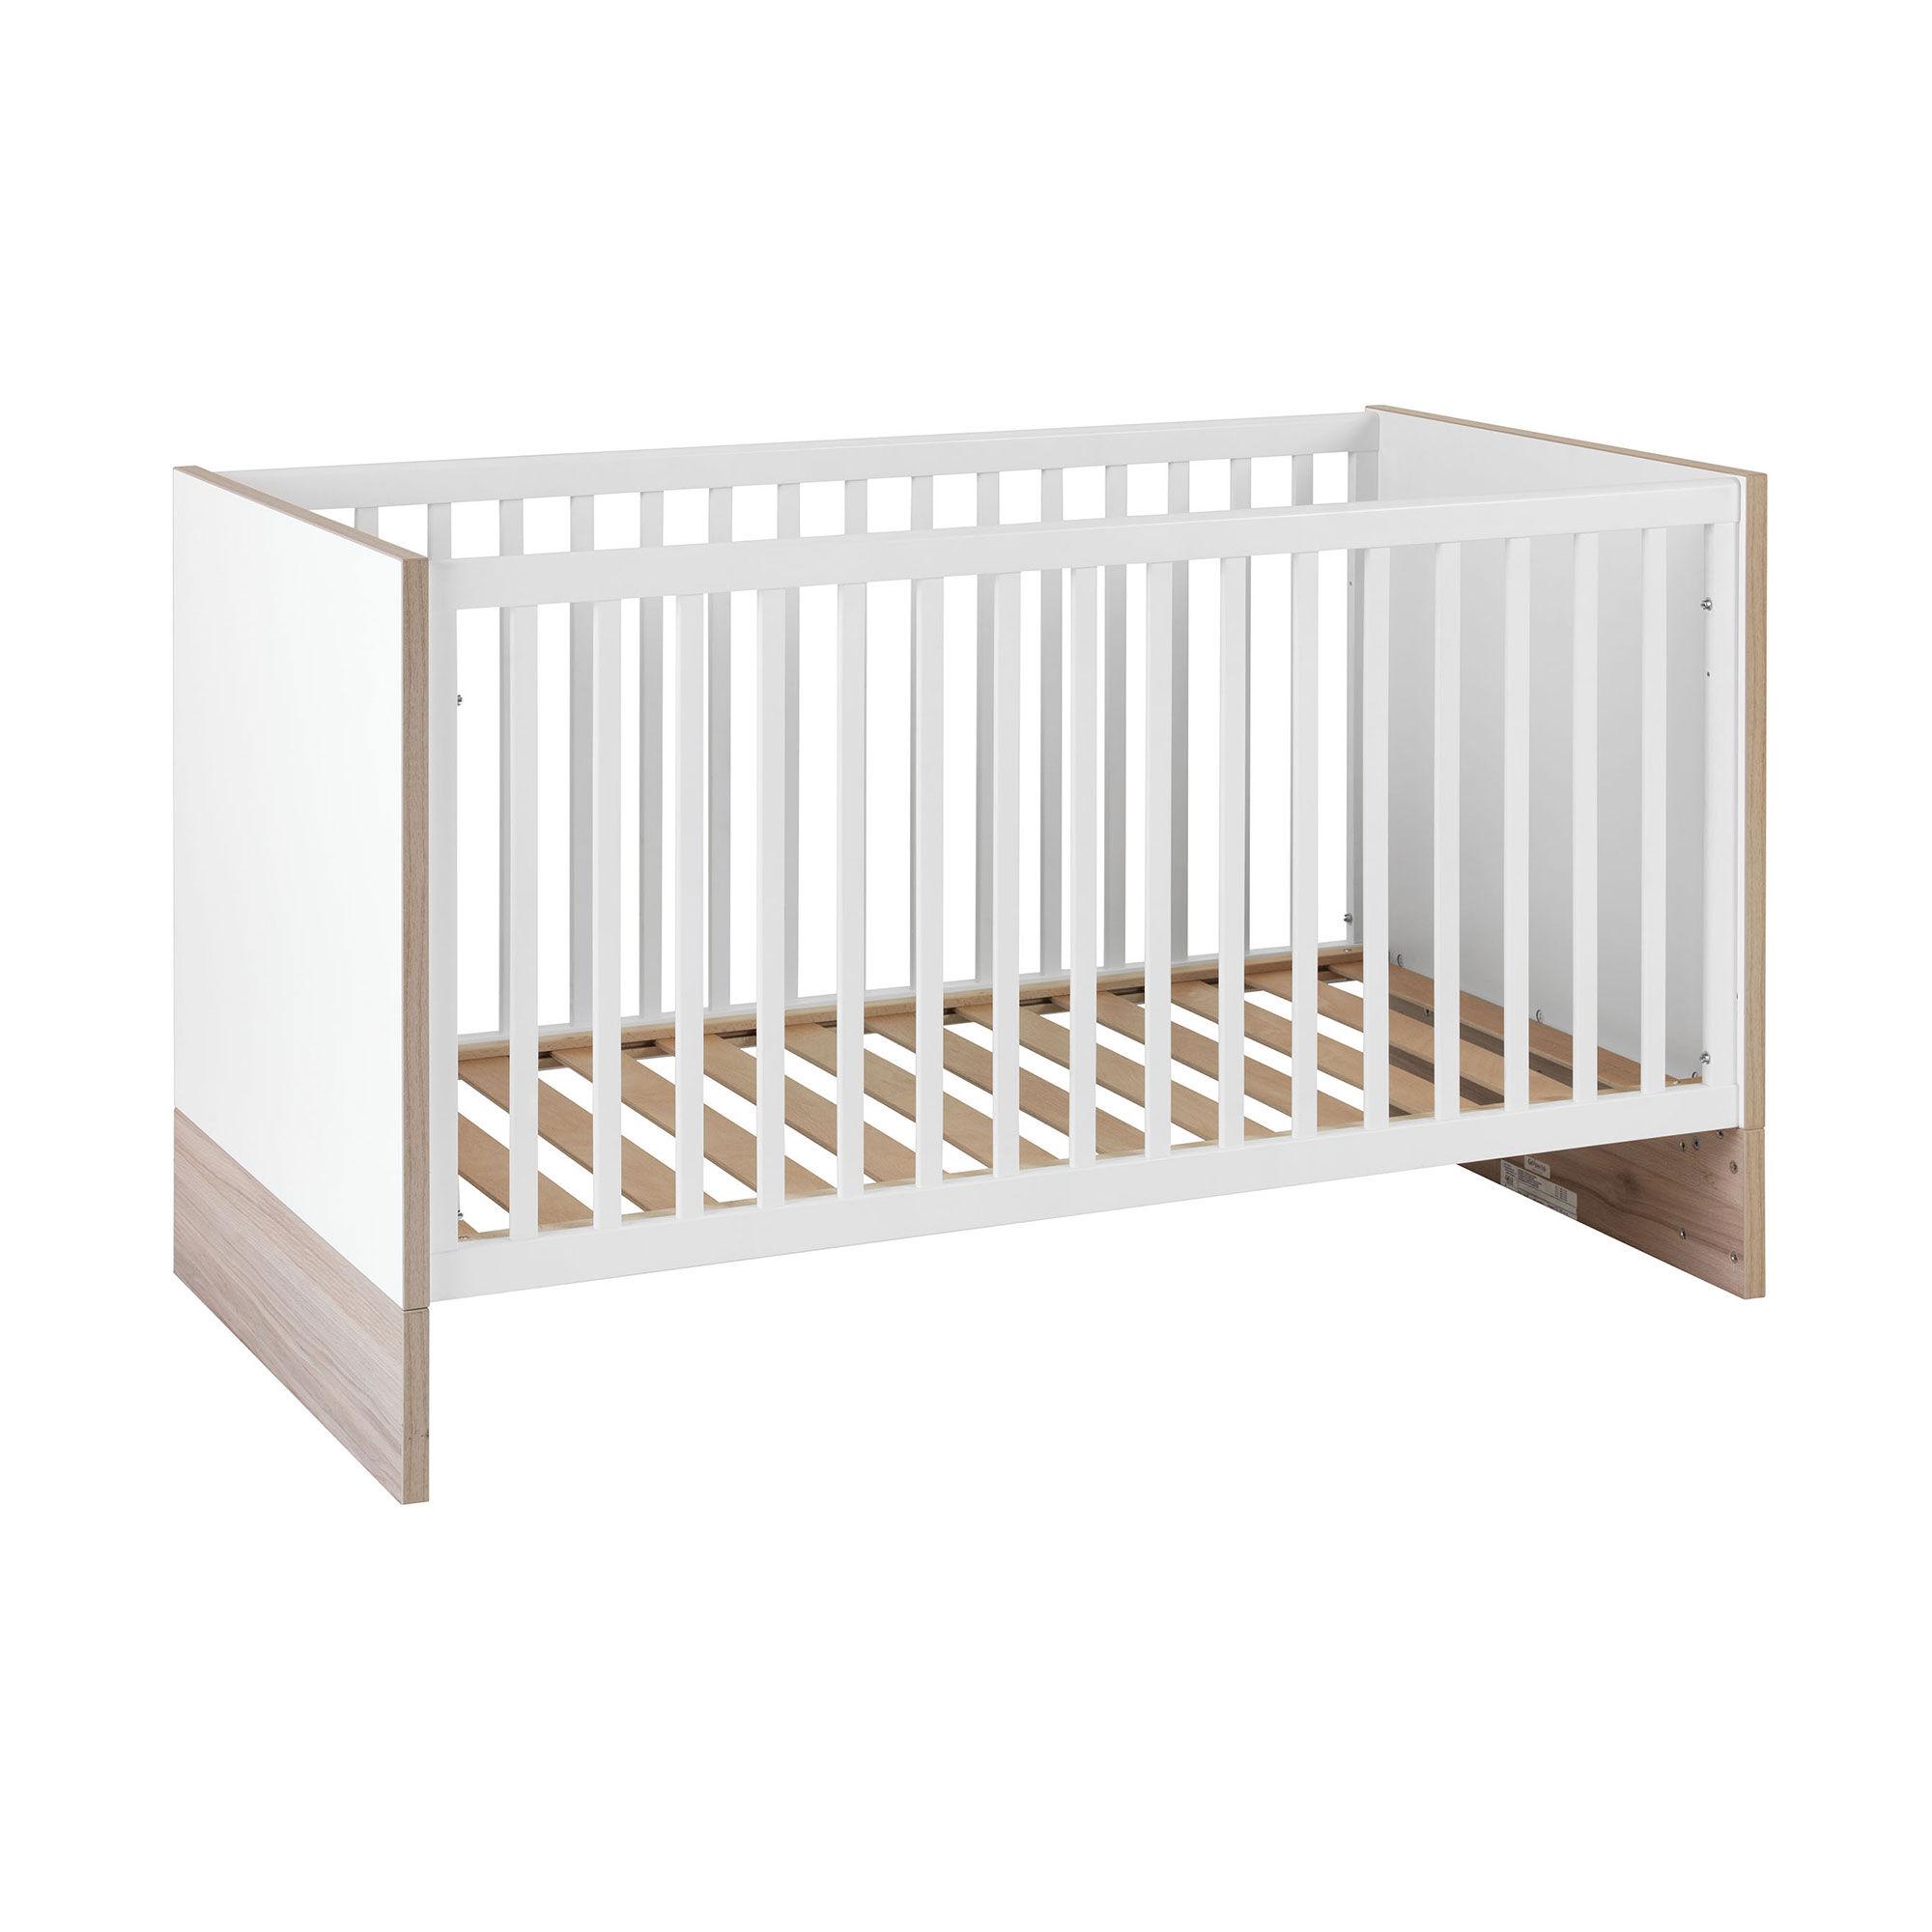 Lit bébé évolutif 70x140 cm naturel et blanc - PIETRO